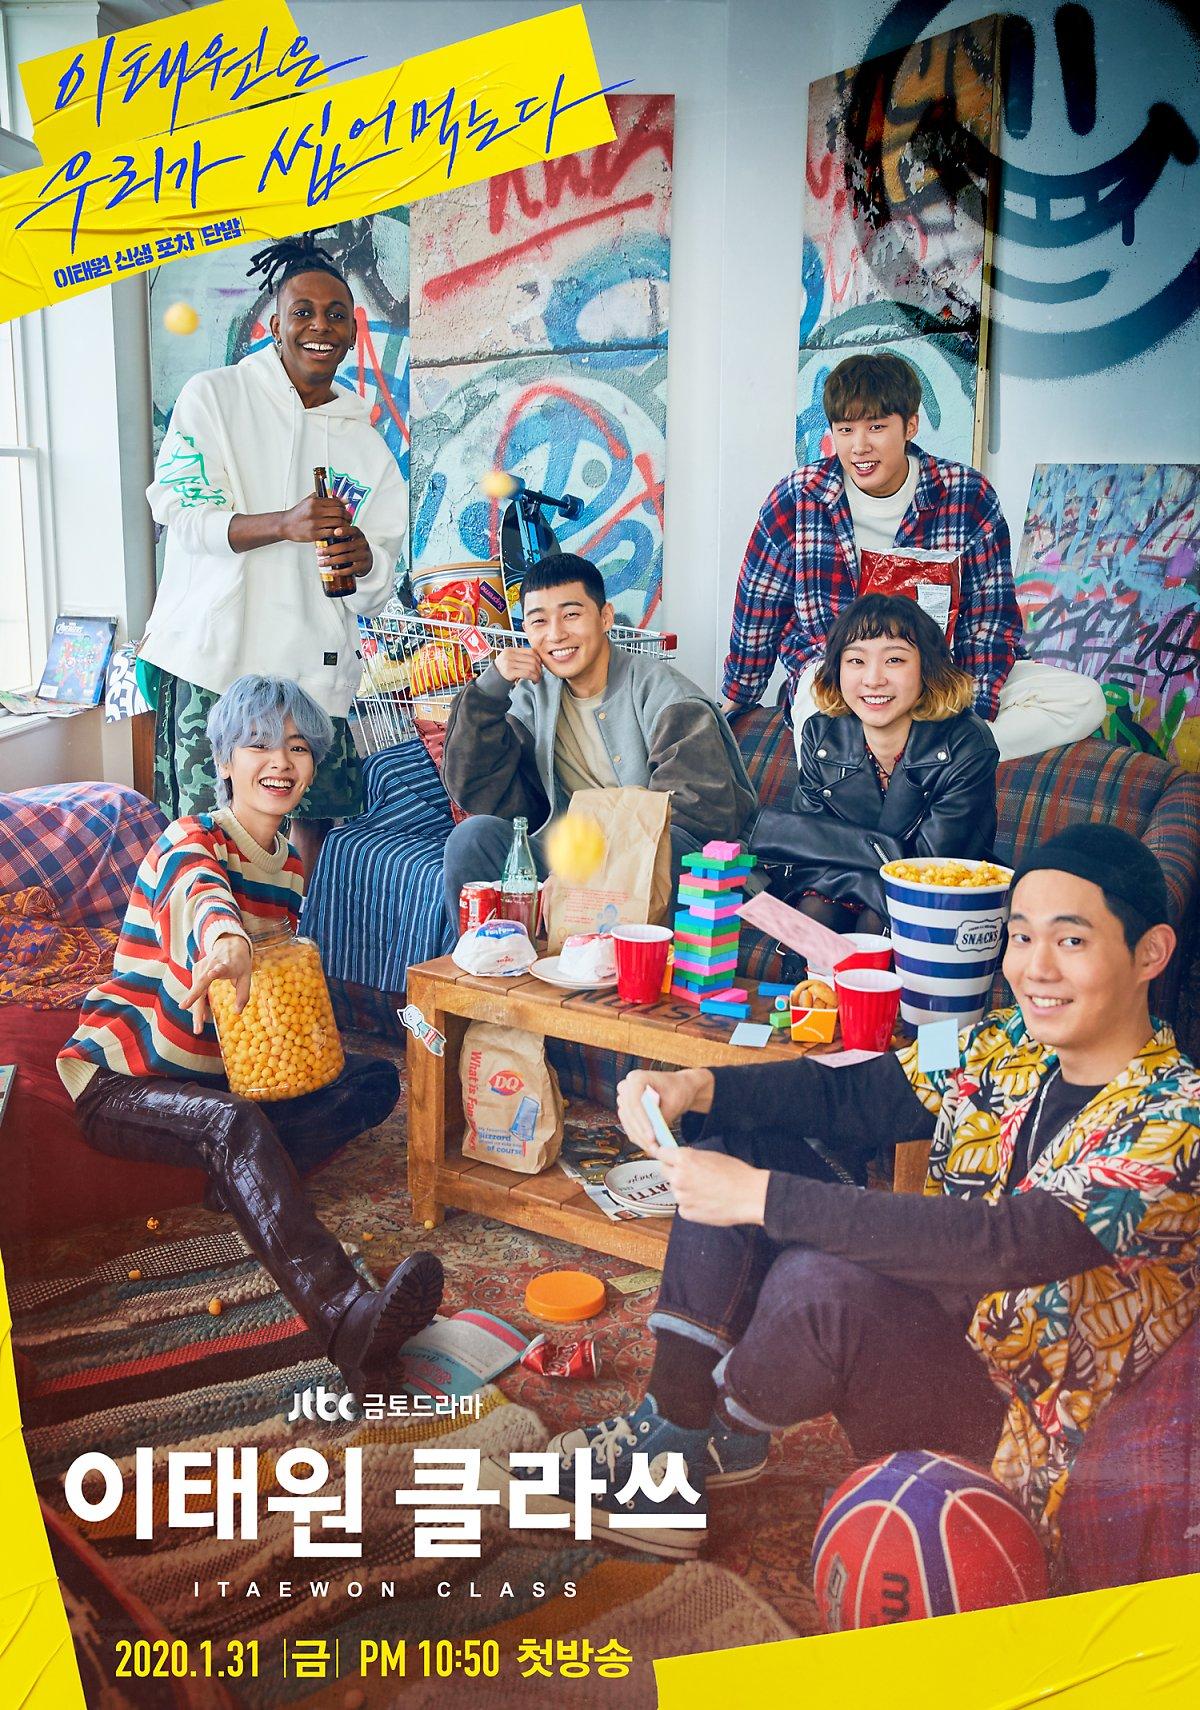 poster phim truyền hình hàn quốc itaewon class